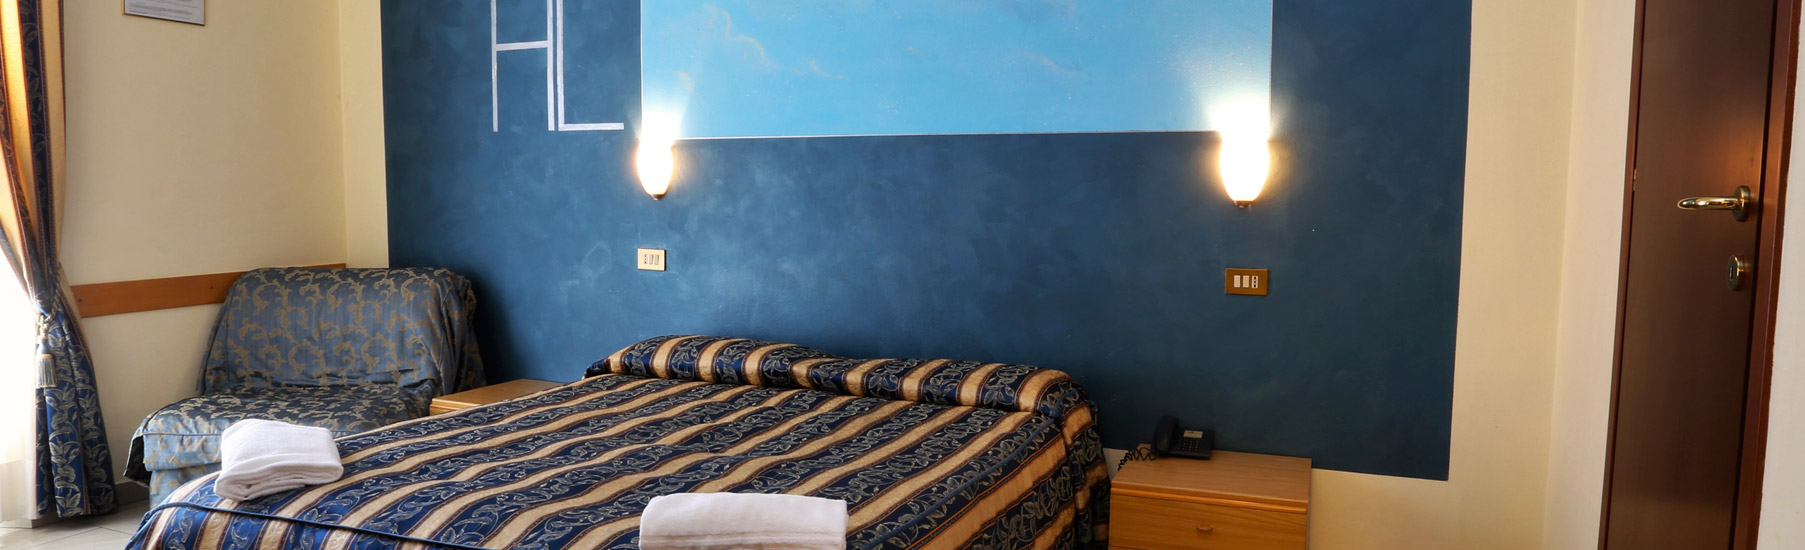 HotelLoretoMilano_HomeSlider10